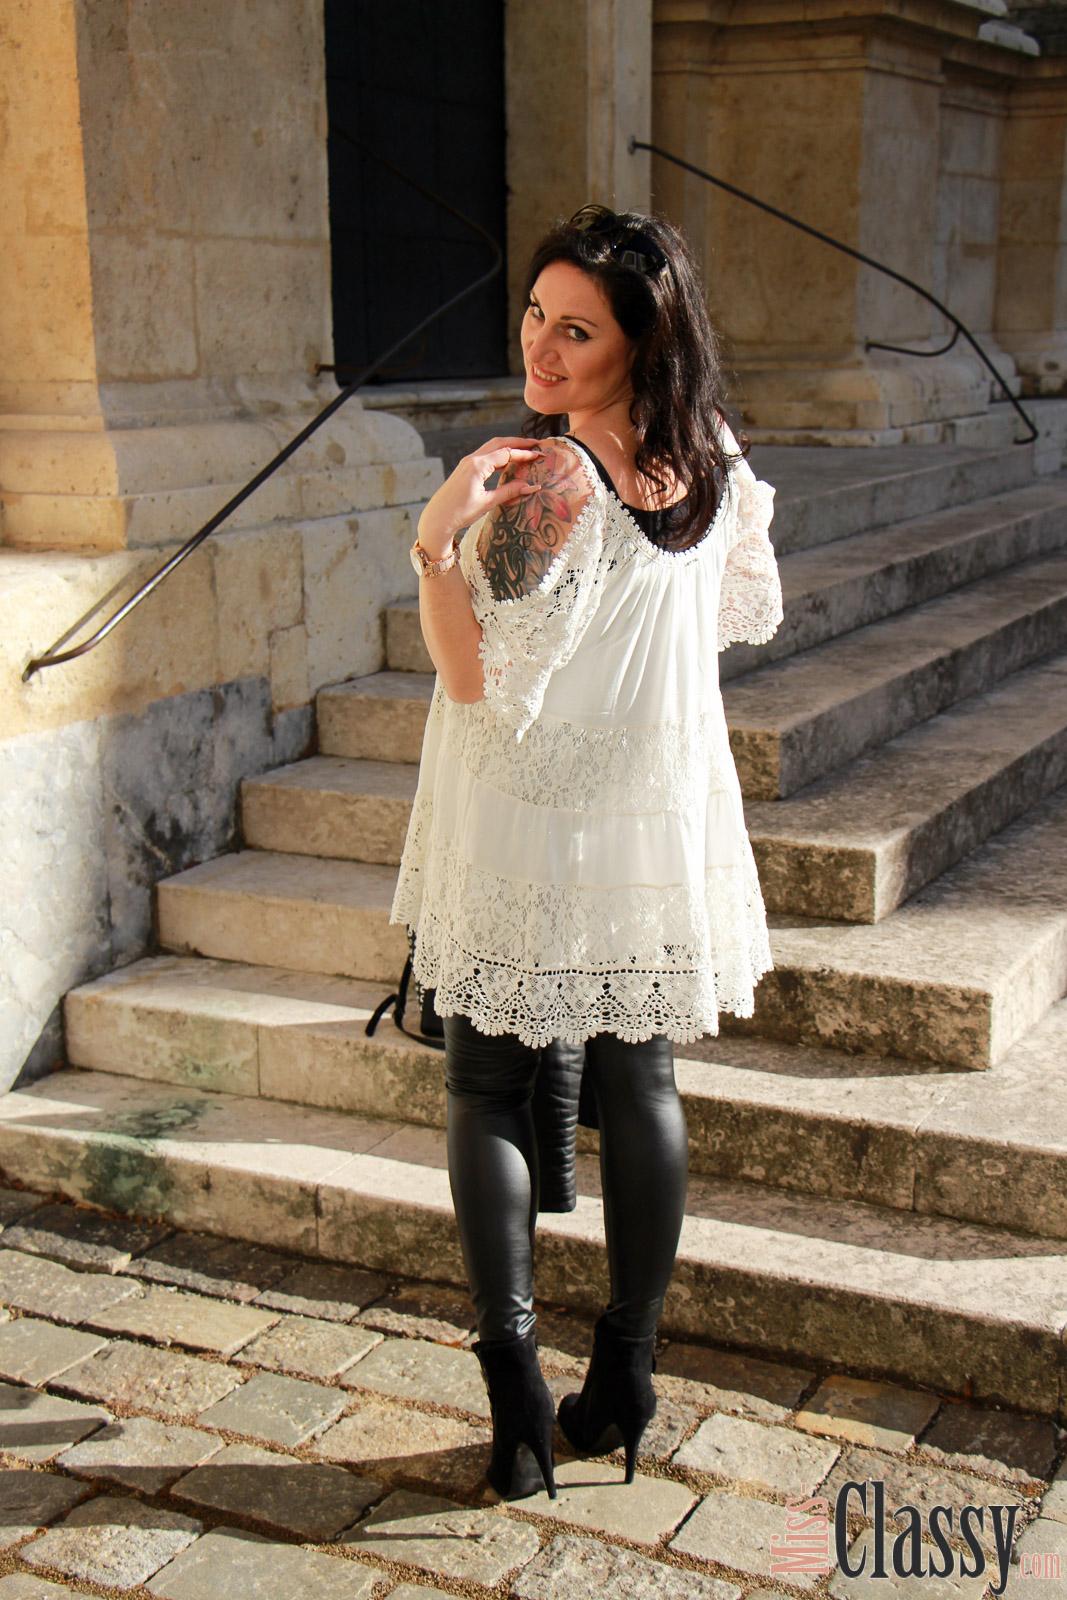 OUTFIT: Weisses Kleid mit Spitze - Mein Outfit für den ...